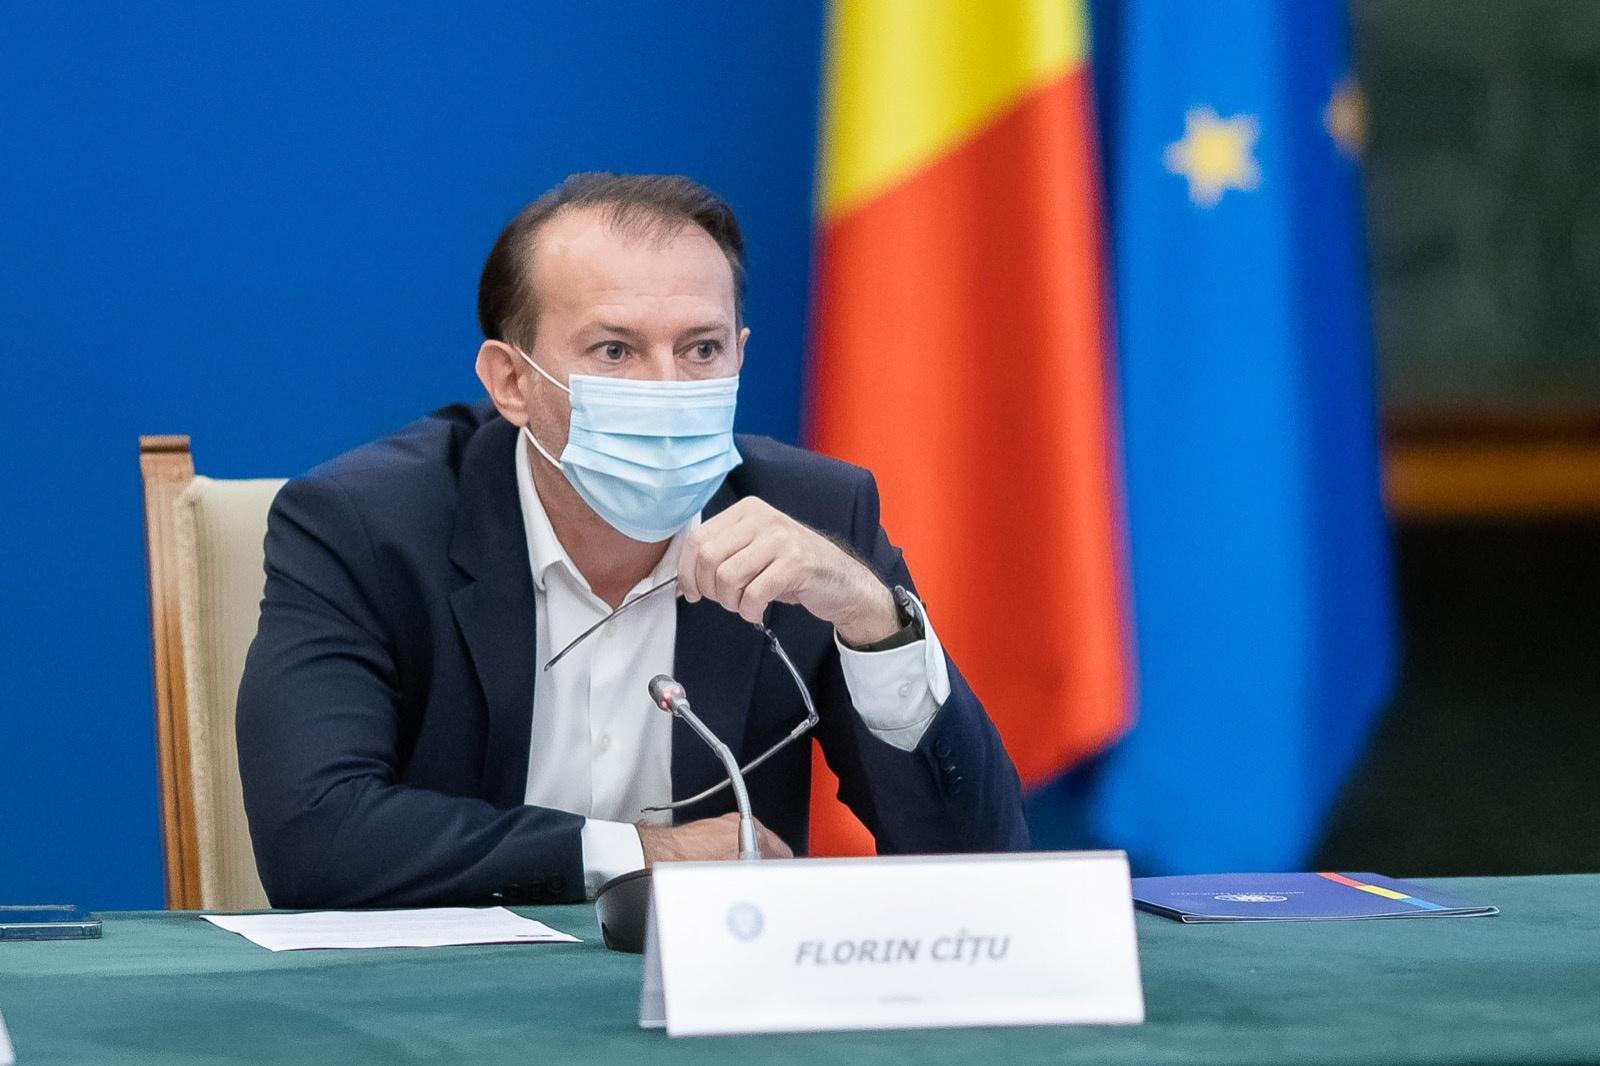 """Florin Cîțu vrea vaccinarea sau testarea personalului din învățământ, sănătate sau ordine publică. """"Vom discuta și în coaliție"""""""